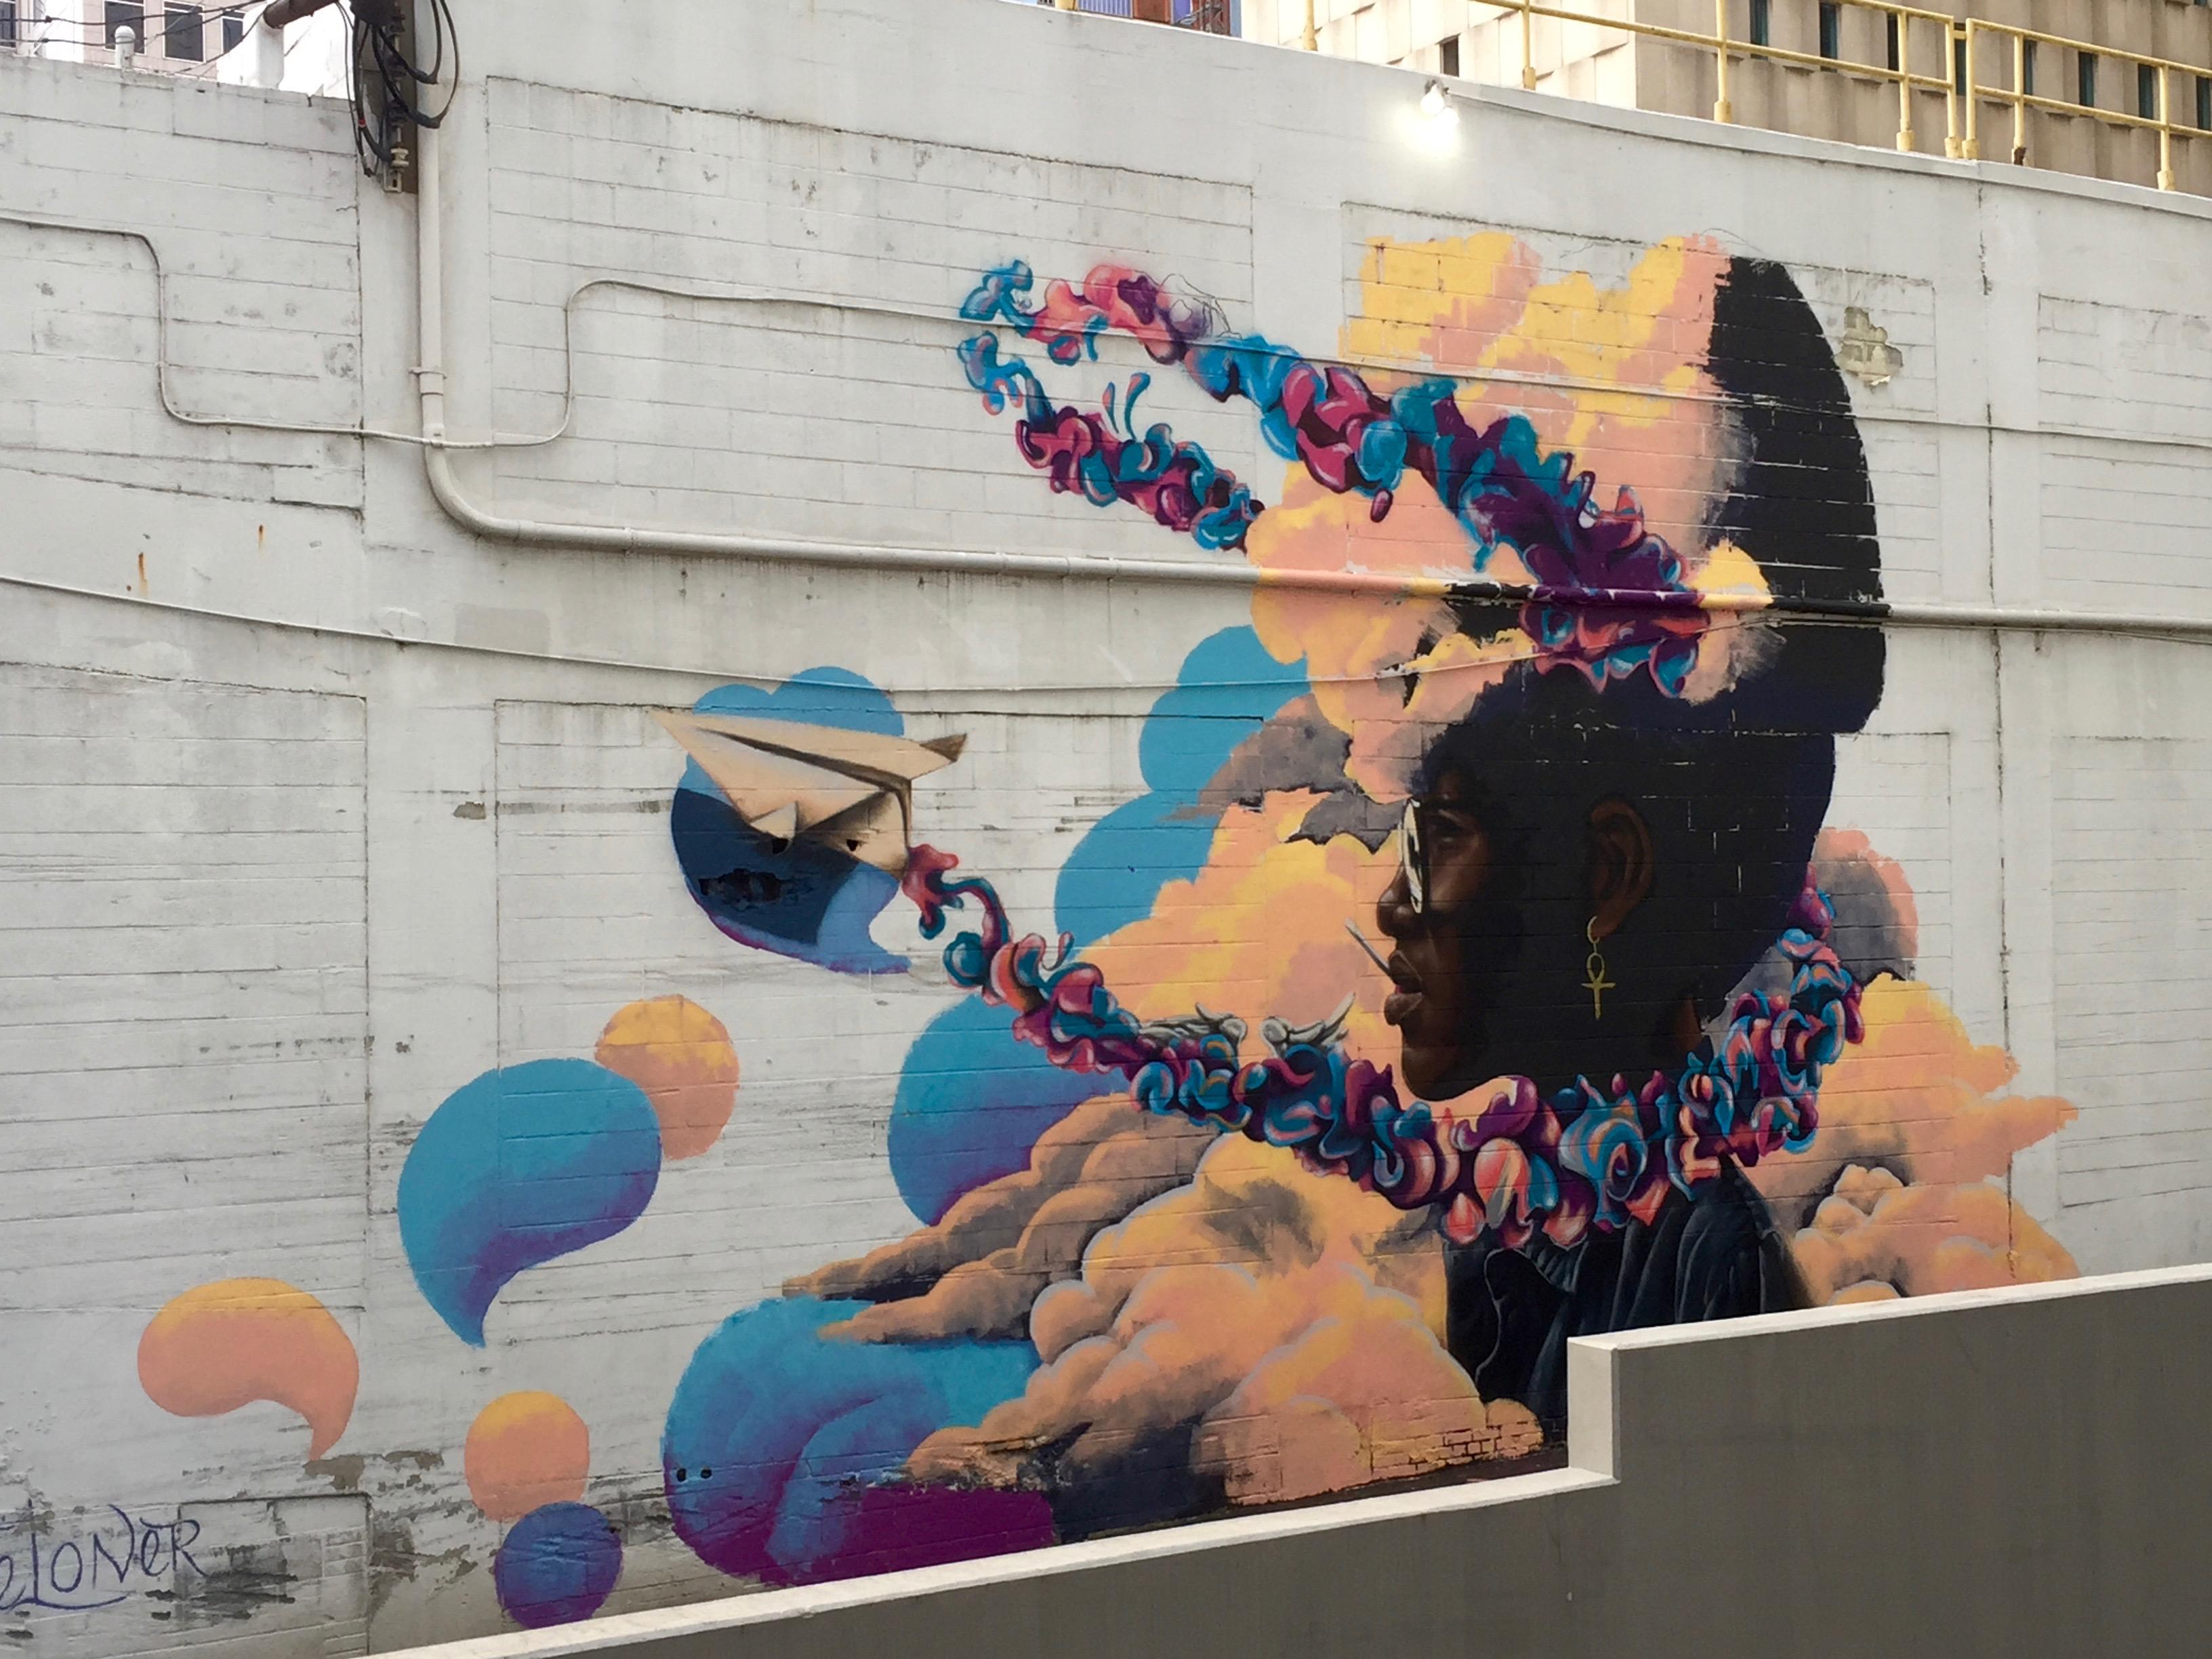 World, Azure, Art, Graffiti